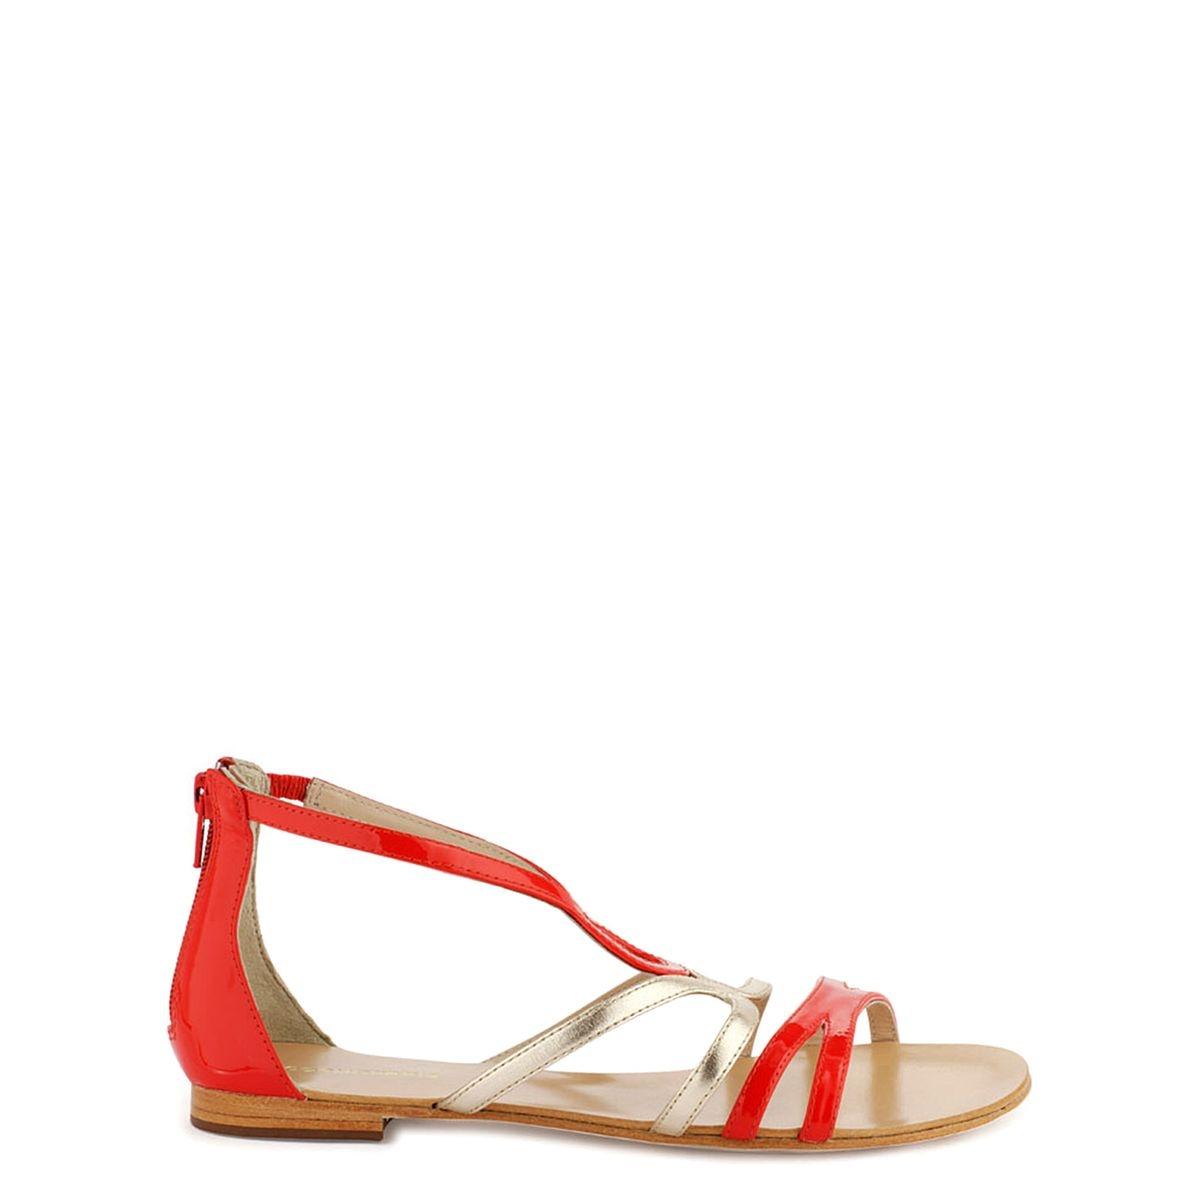 Sandales cuir Ibane